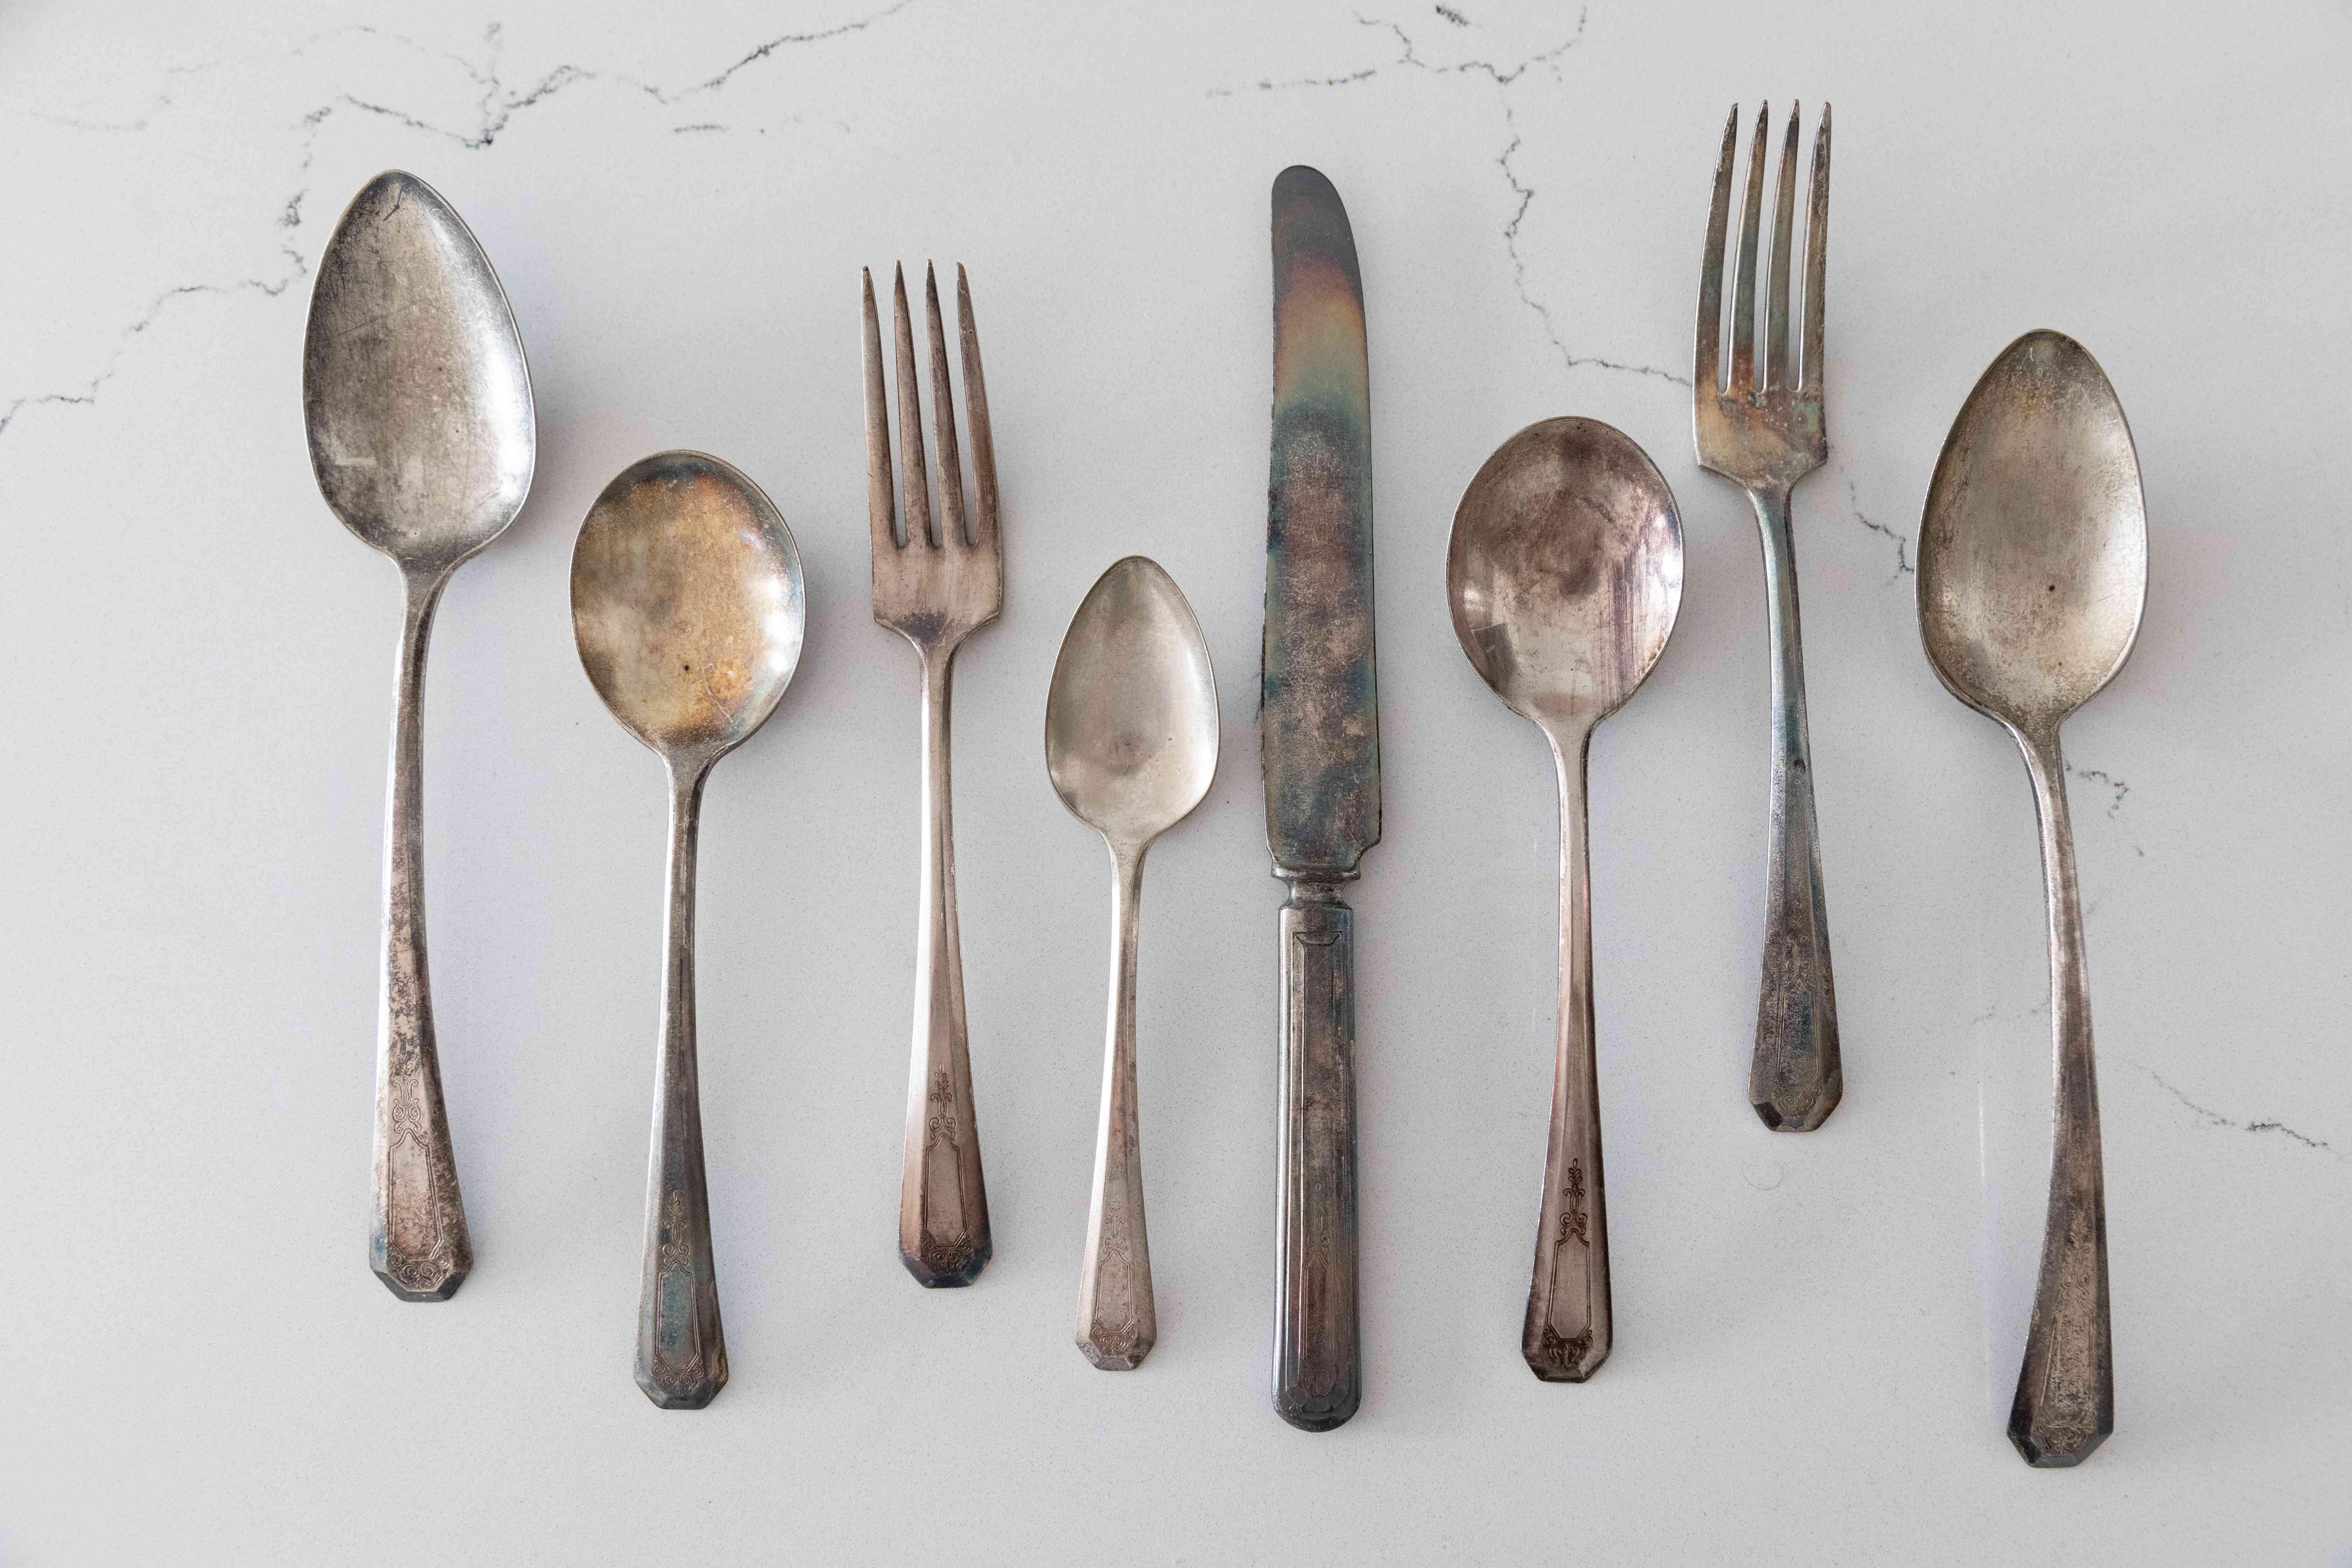 examining tarnished silver